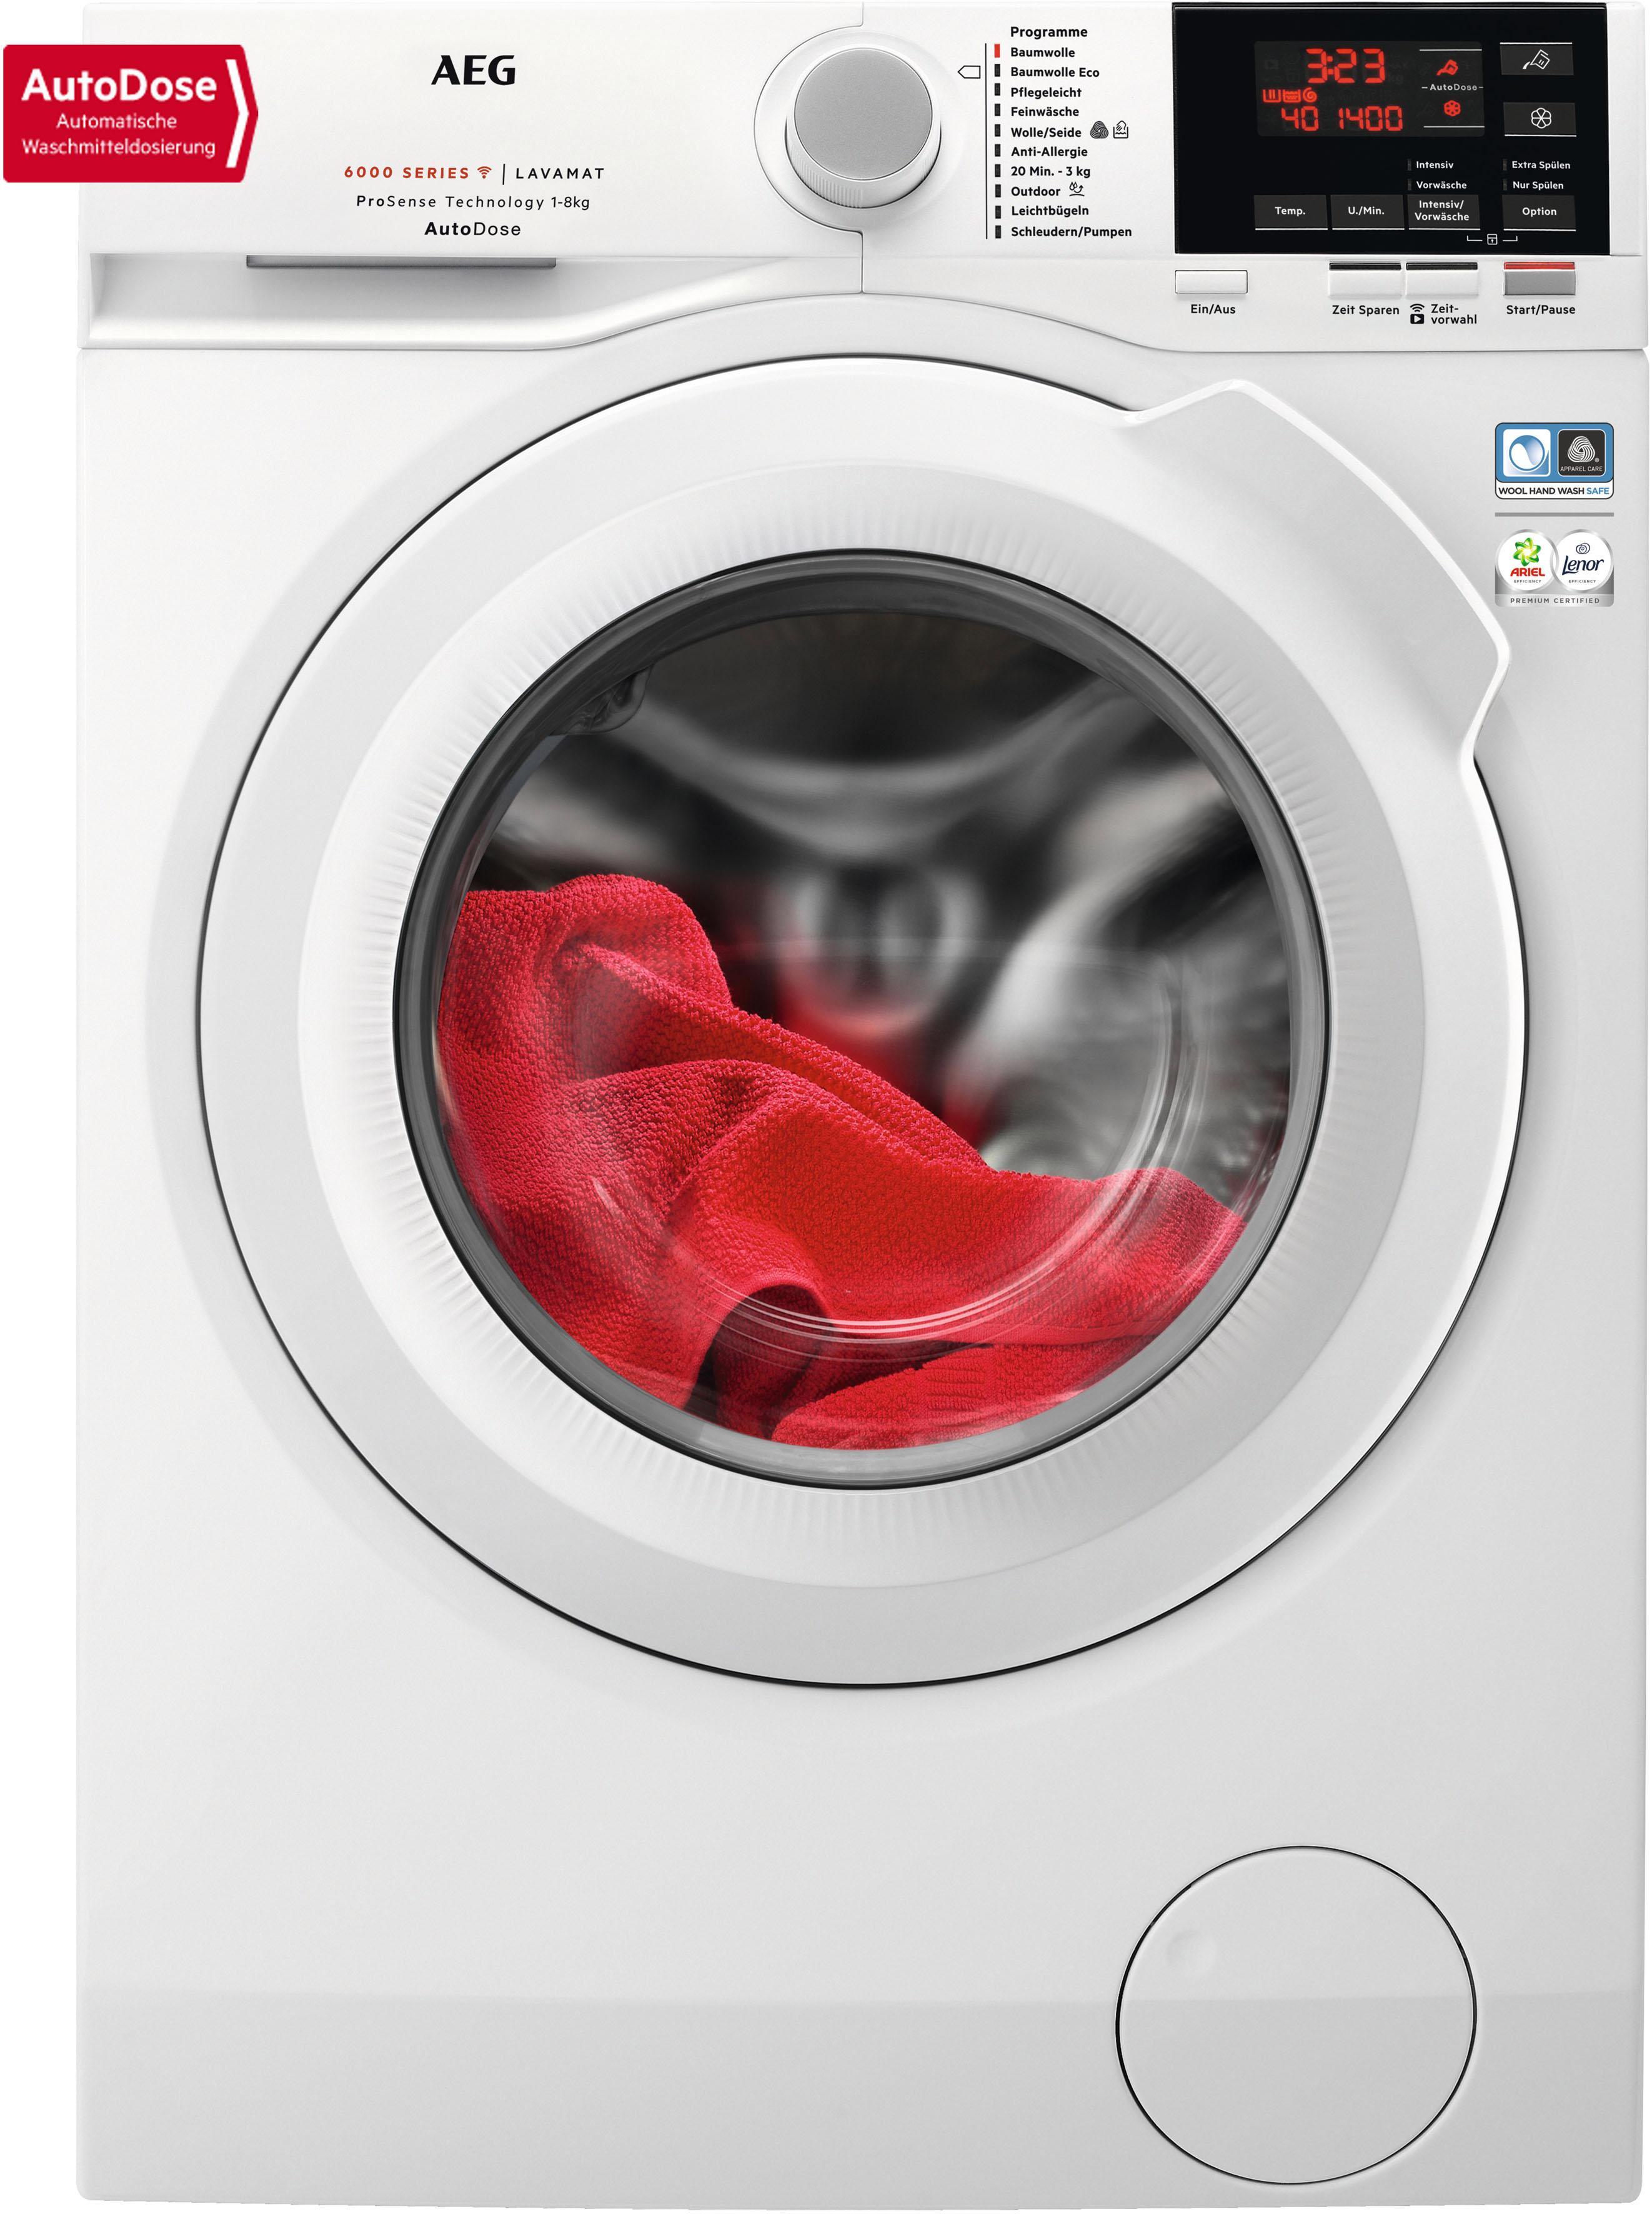 AEG Waschmaschine Serie 6000 L6FB68480   Bad > Waschmaschinen und Trockner > Frontlader   Weiß   Aeg Electrolux